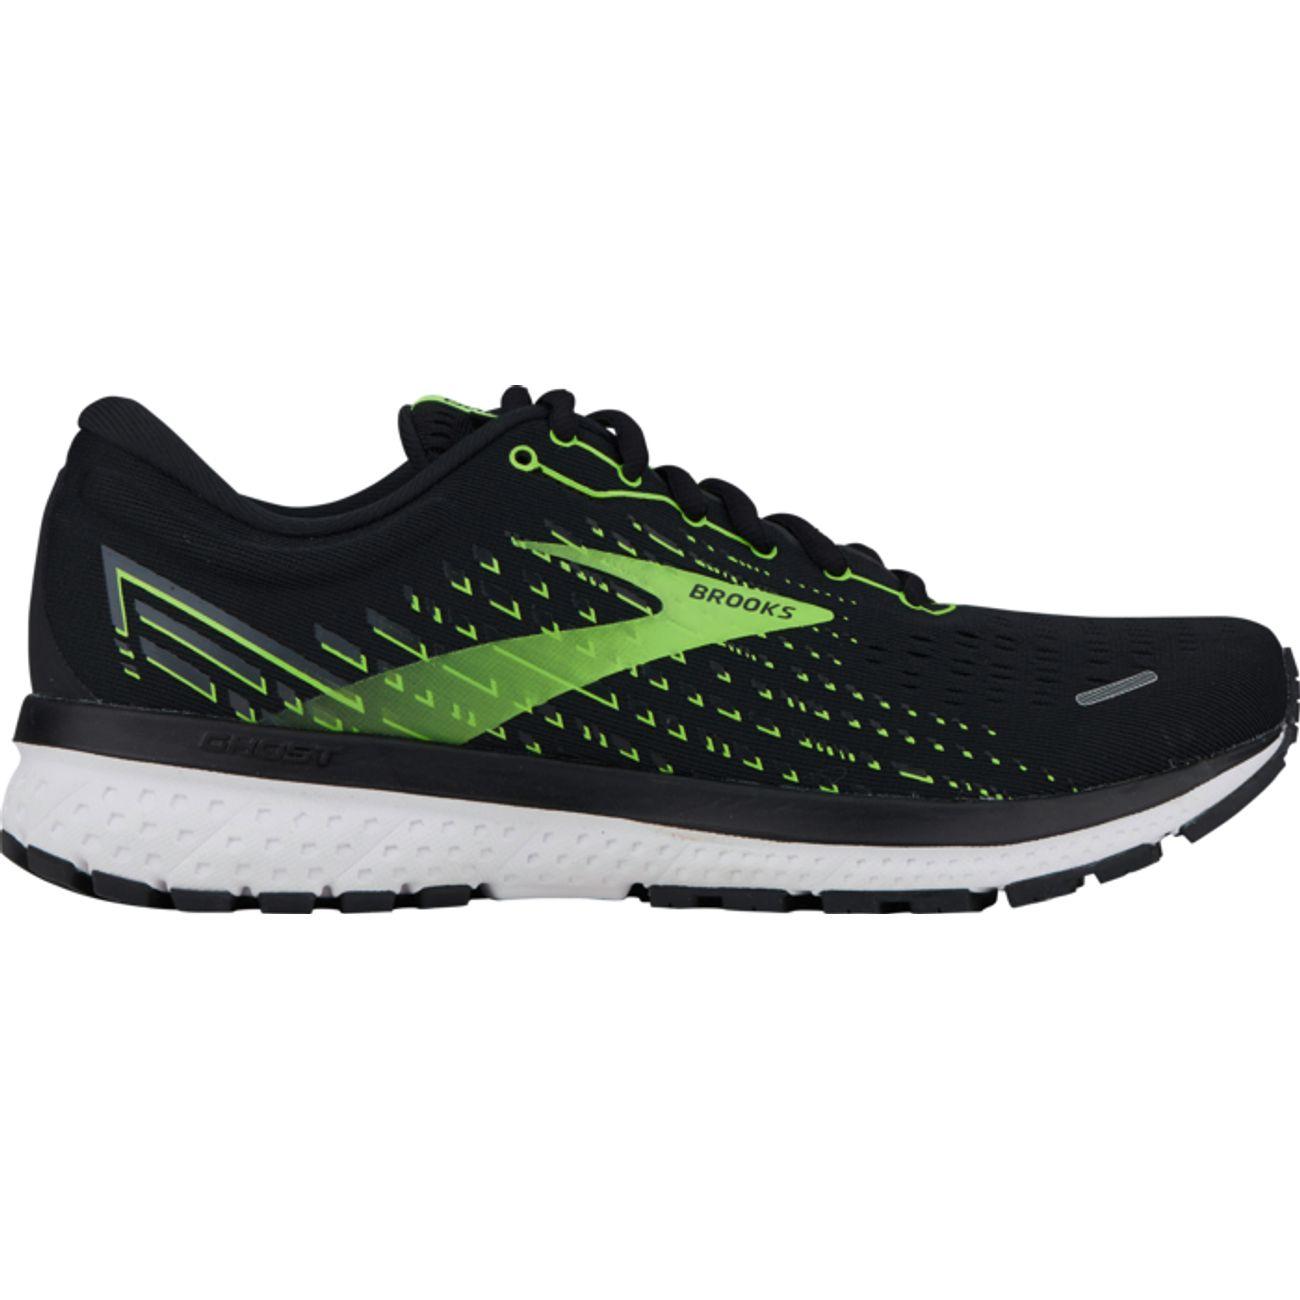 Chaussures de running pour homme Brooks Ghost 13 - Du 41 au 47.5